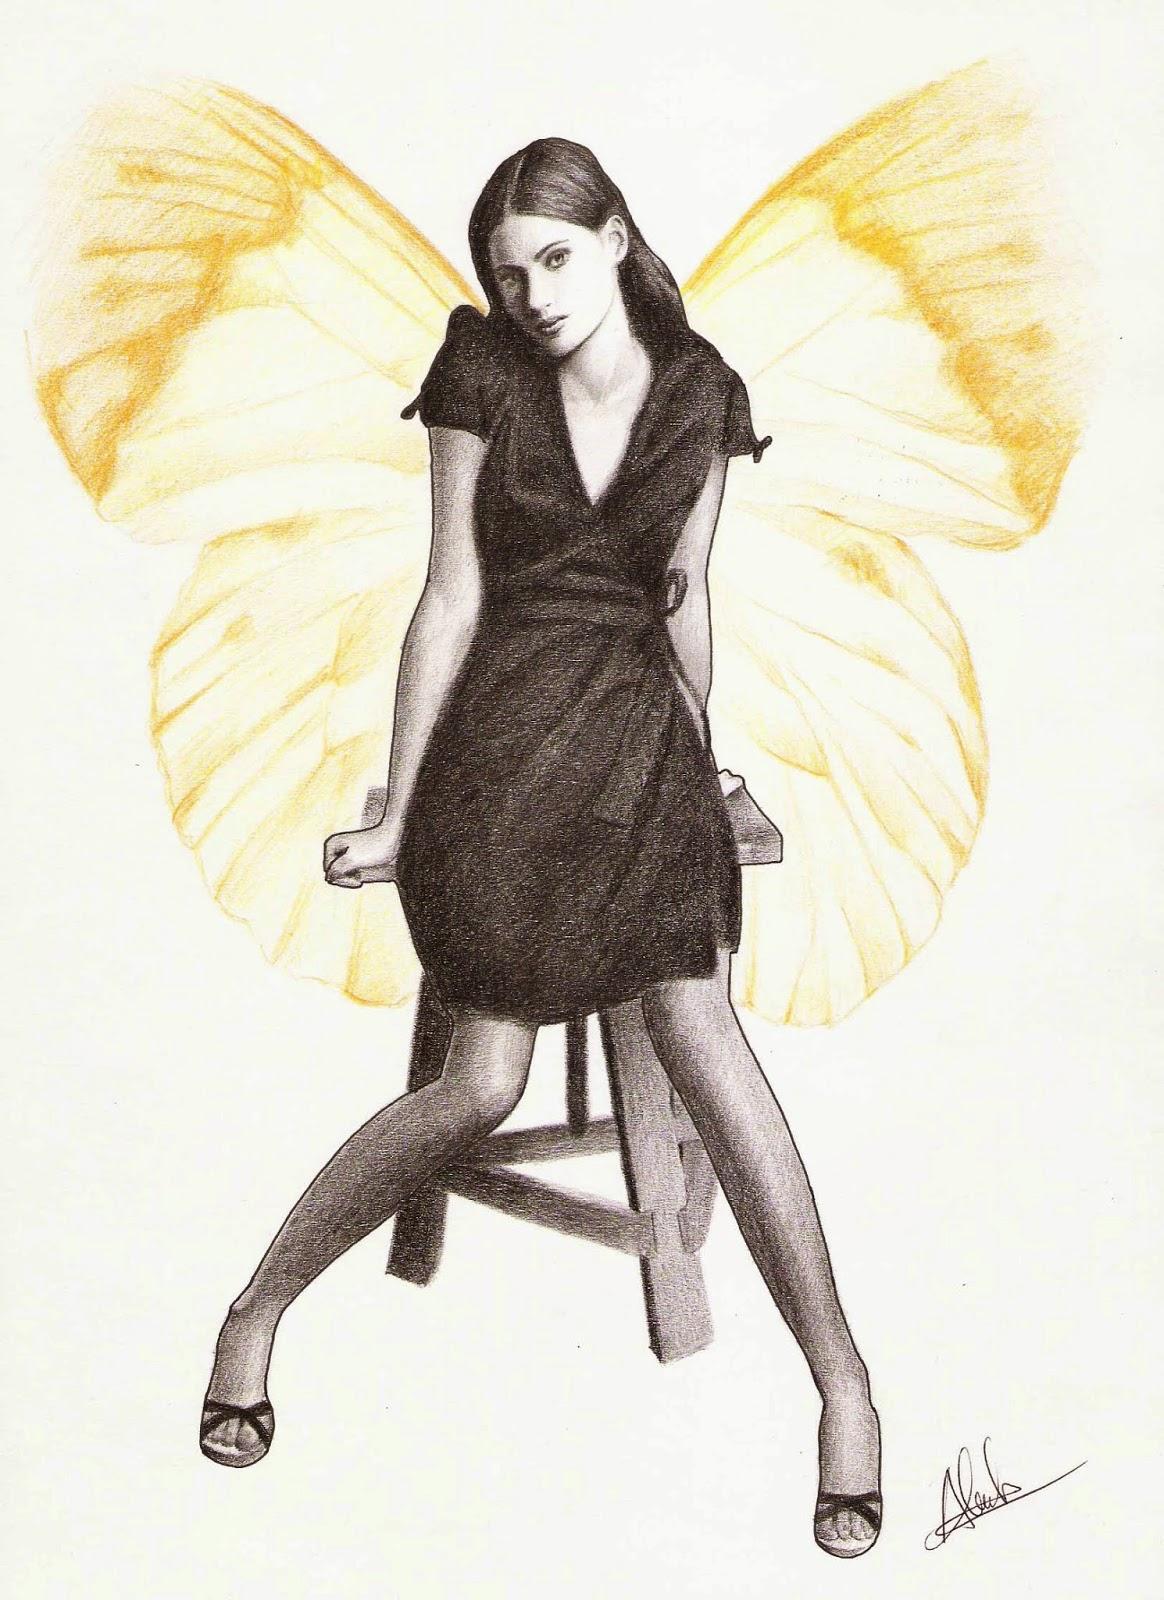 Retrato de fantasía con lápiz de color